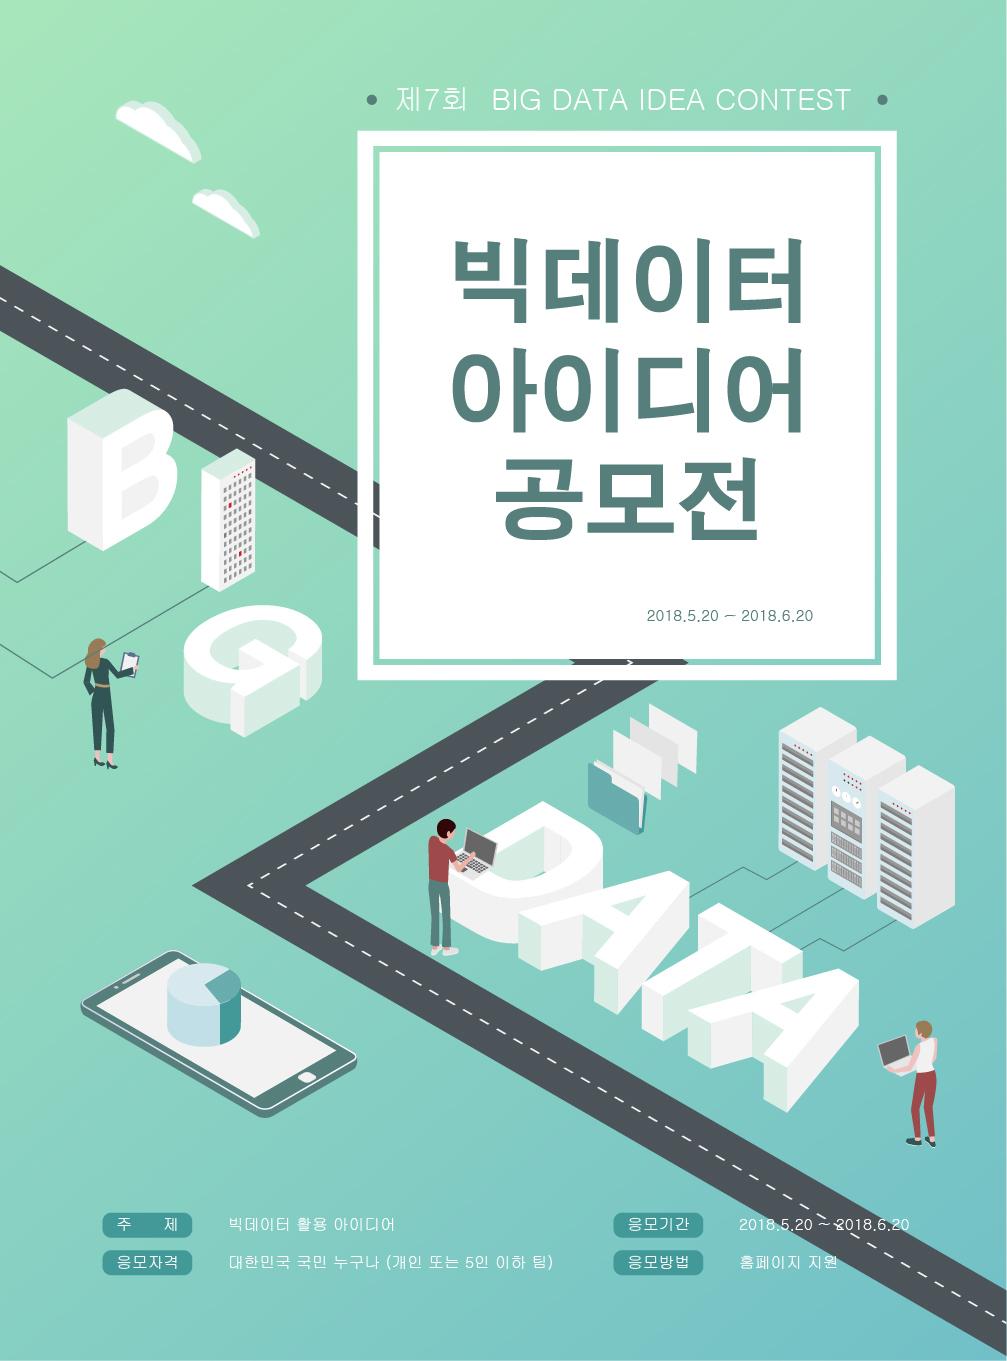 创意海报扁平化场景2.5D矢量素材 资源-第5张